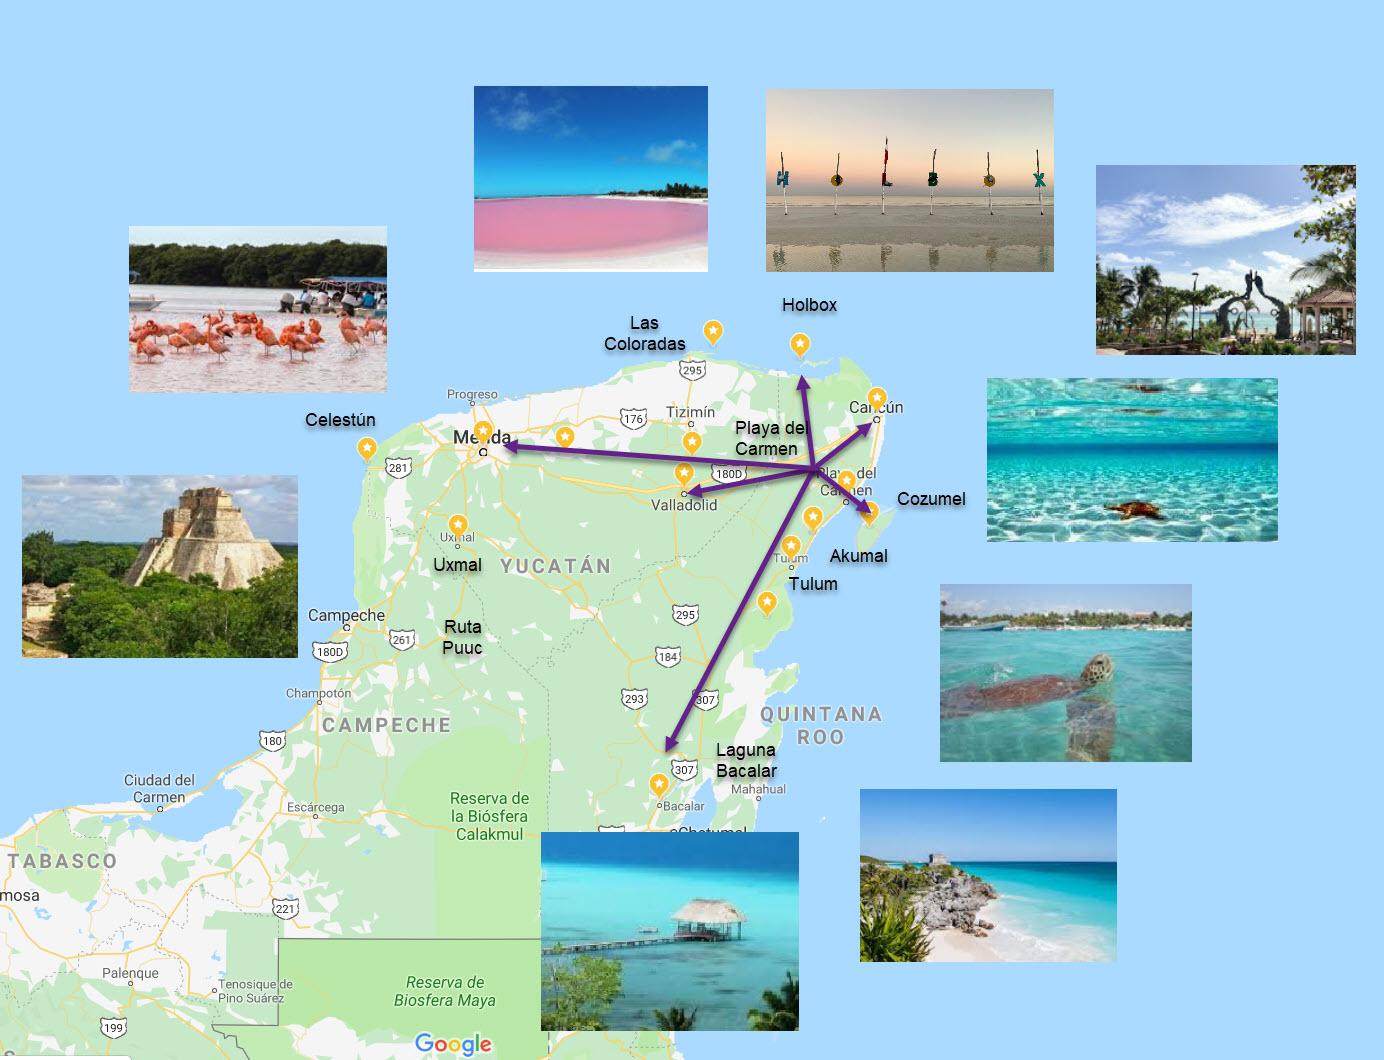 Ruta por la Riviera maya por tu cuenta | All you need is a map – All you  need is a map ☁☼✿